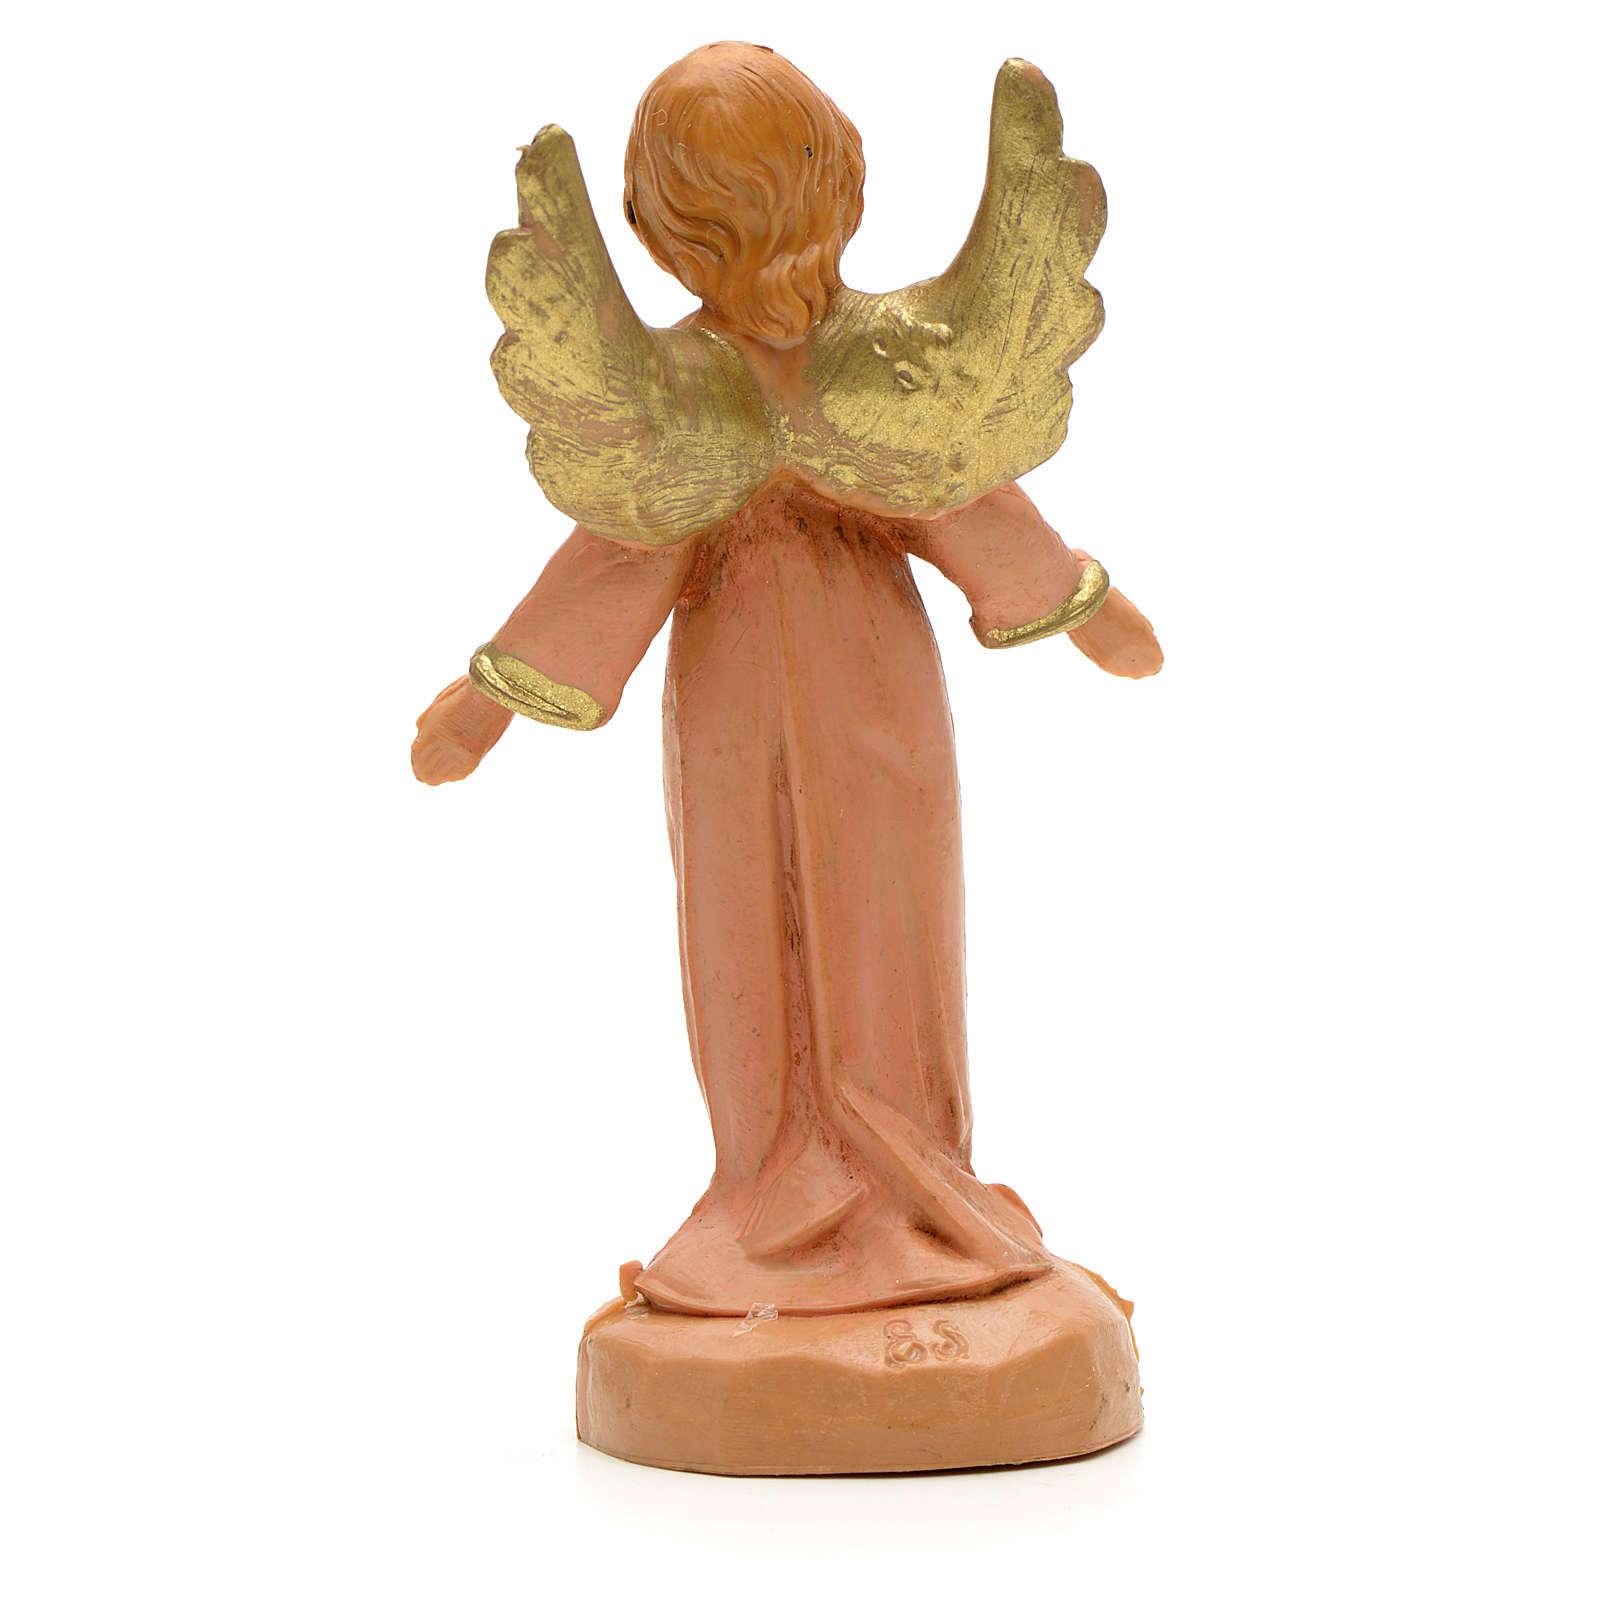 Anioł stojący 6.5 cm Fontanini 4